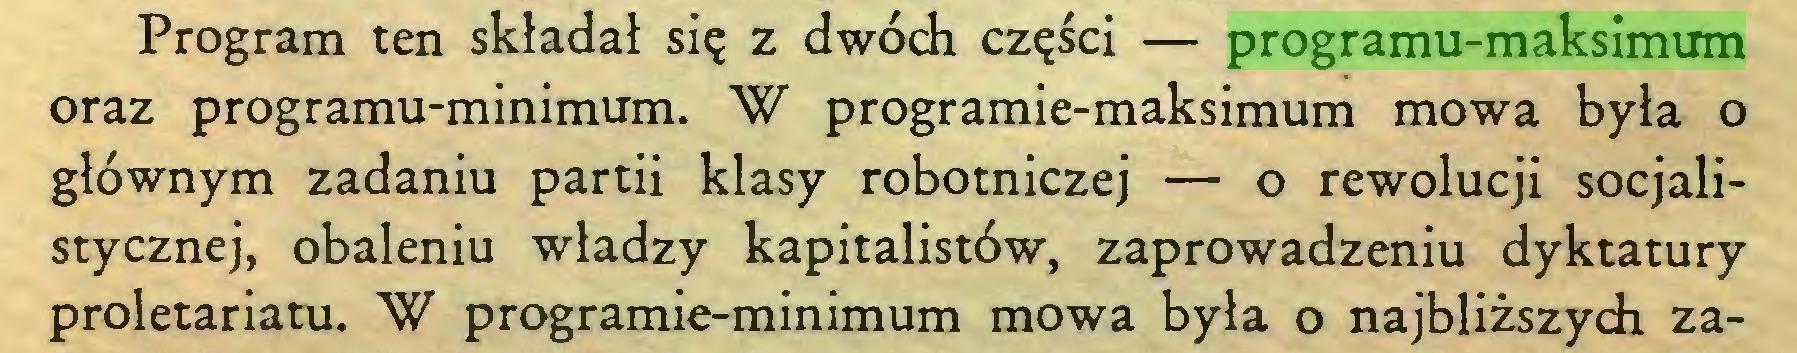 (...) Program ten składał się z dwóch części — programu-maksimum oraz programu-minimum. W programie-maksimum mowa była o głównym zadaniu partii klasy robotniczej — o rewolucji socjalistycznej, obaleniu władzy kapitalistów, zaprowadzeniu dyktatury proletariatu. W programie-minimum mowa była o najbliższych za...